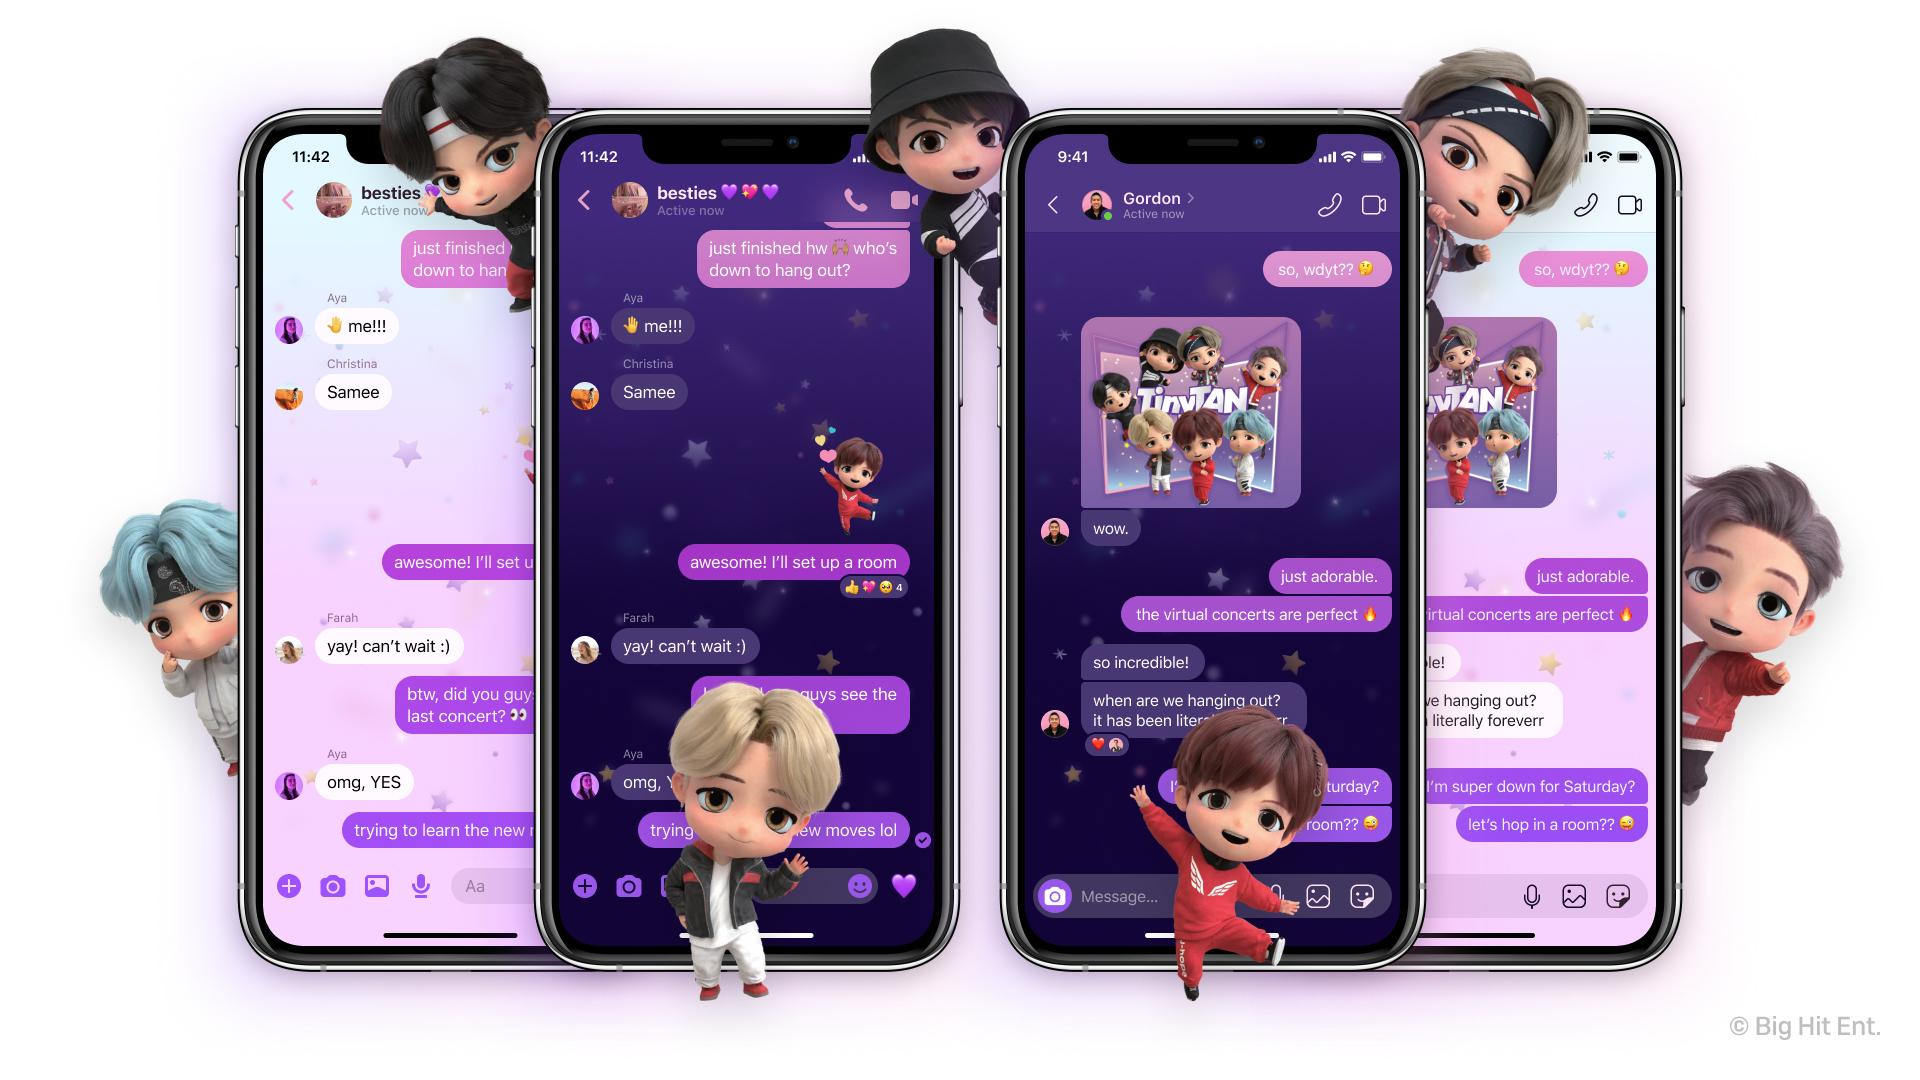 Facebook Messenger bts chat personaje